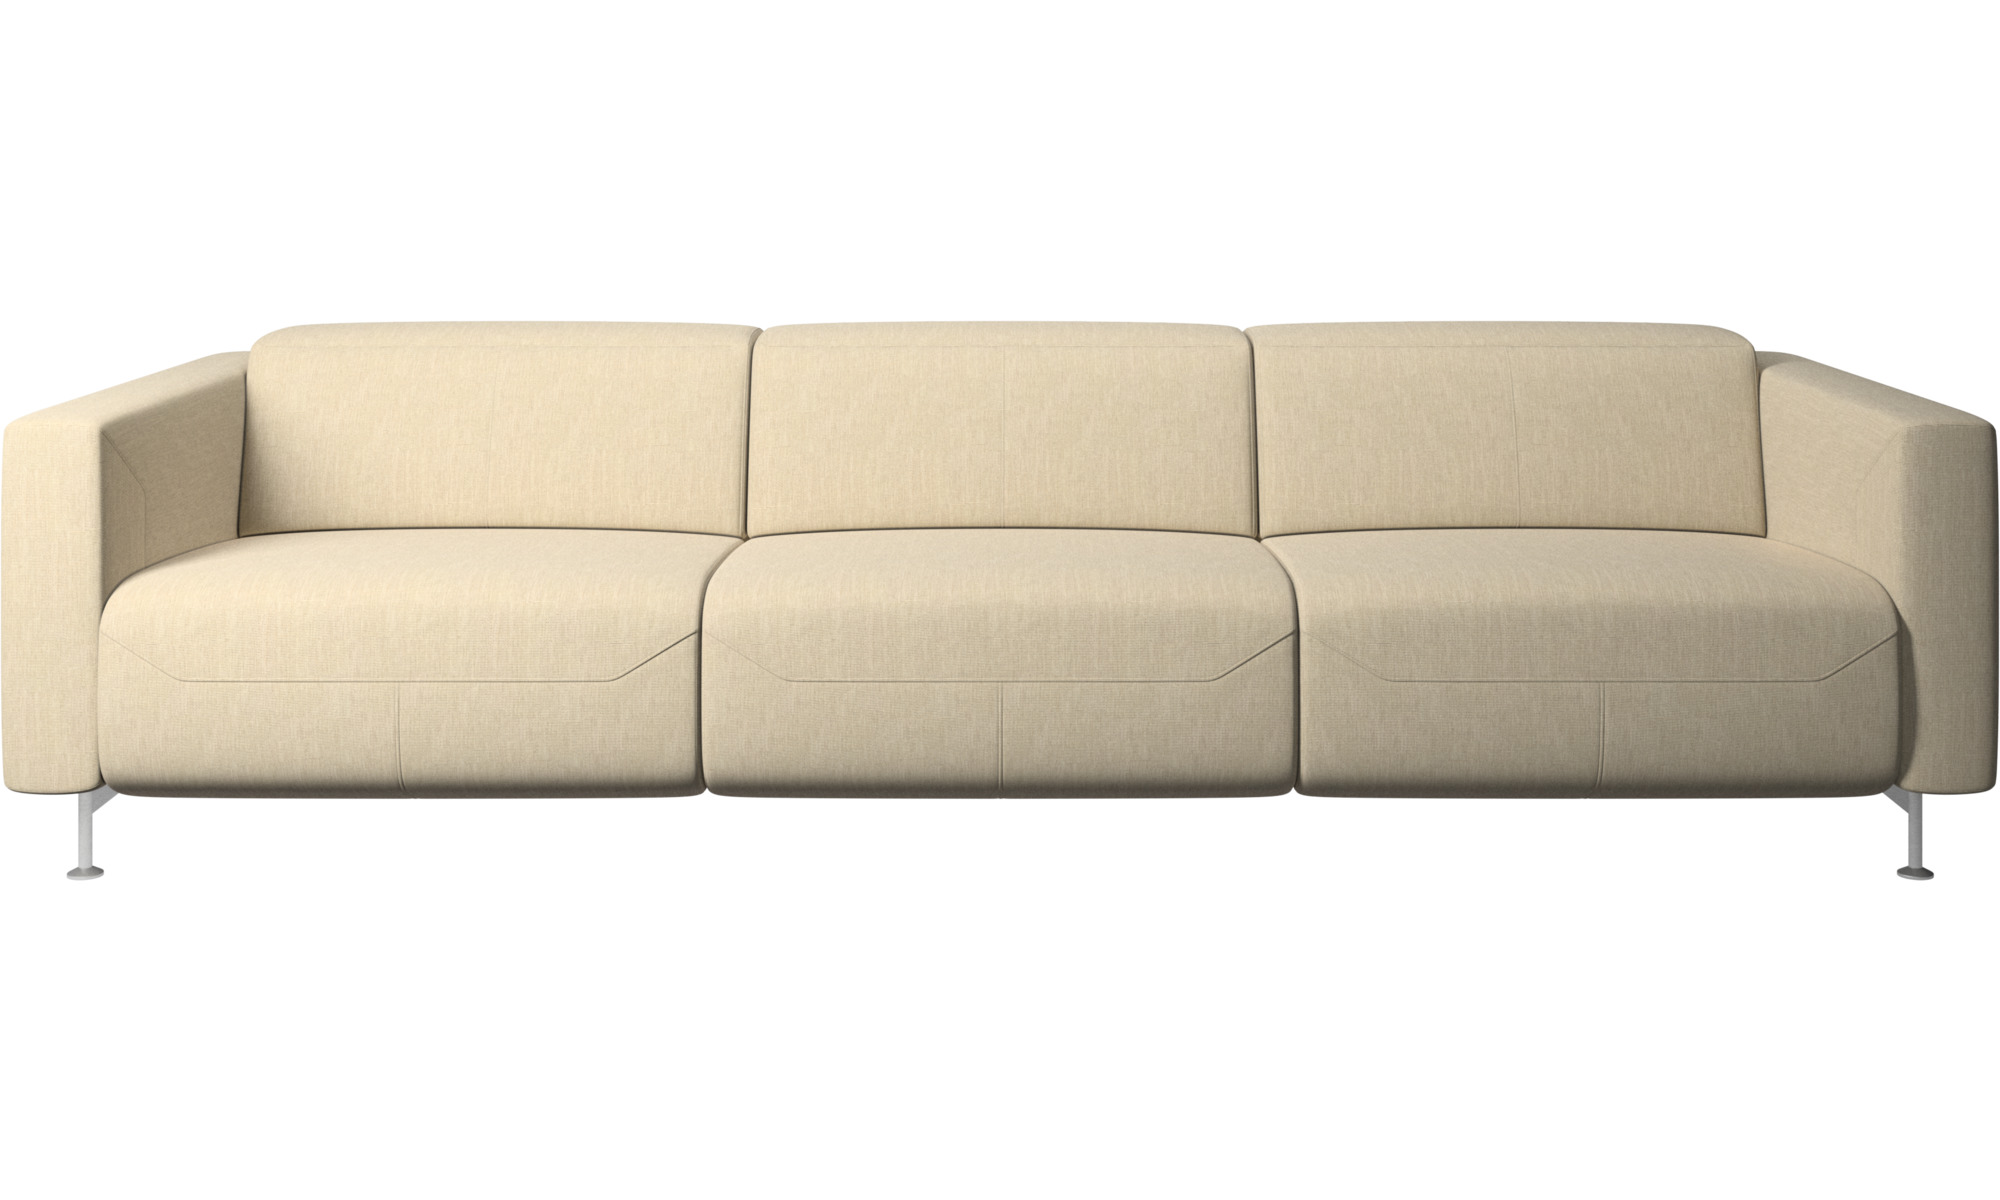 Justerbare sofaer - Parma sofa med hvilefunktion - Brun - Stof